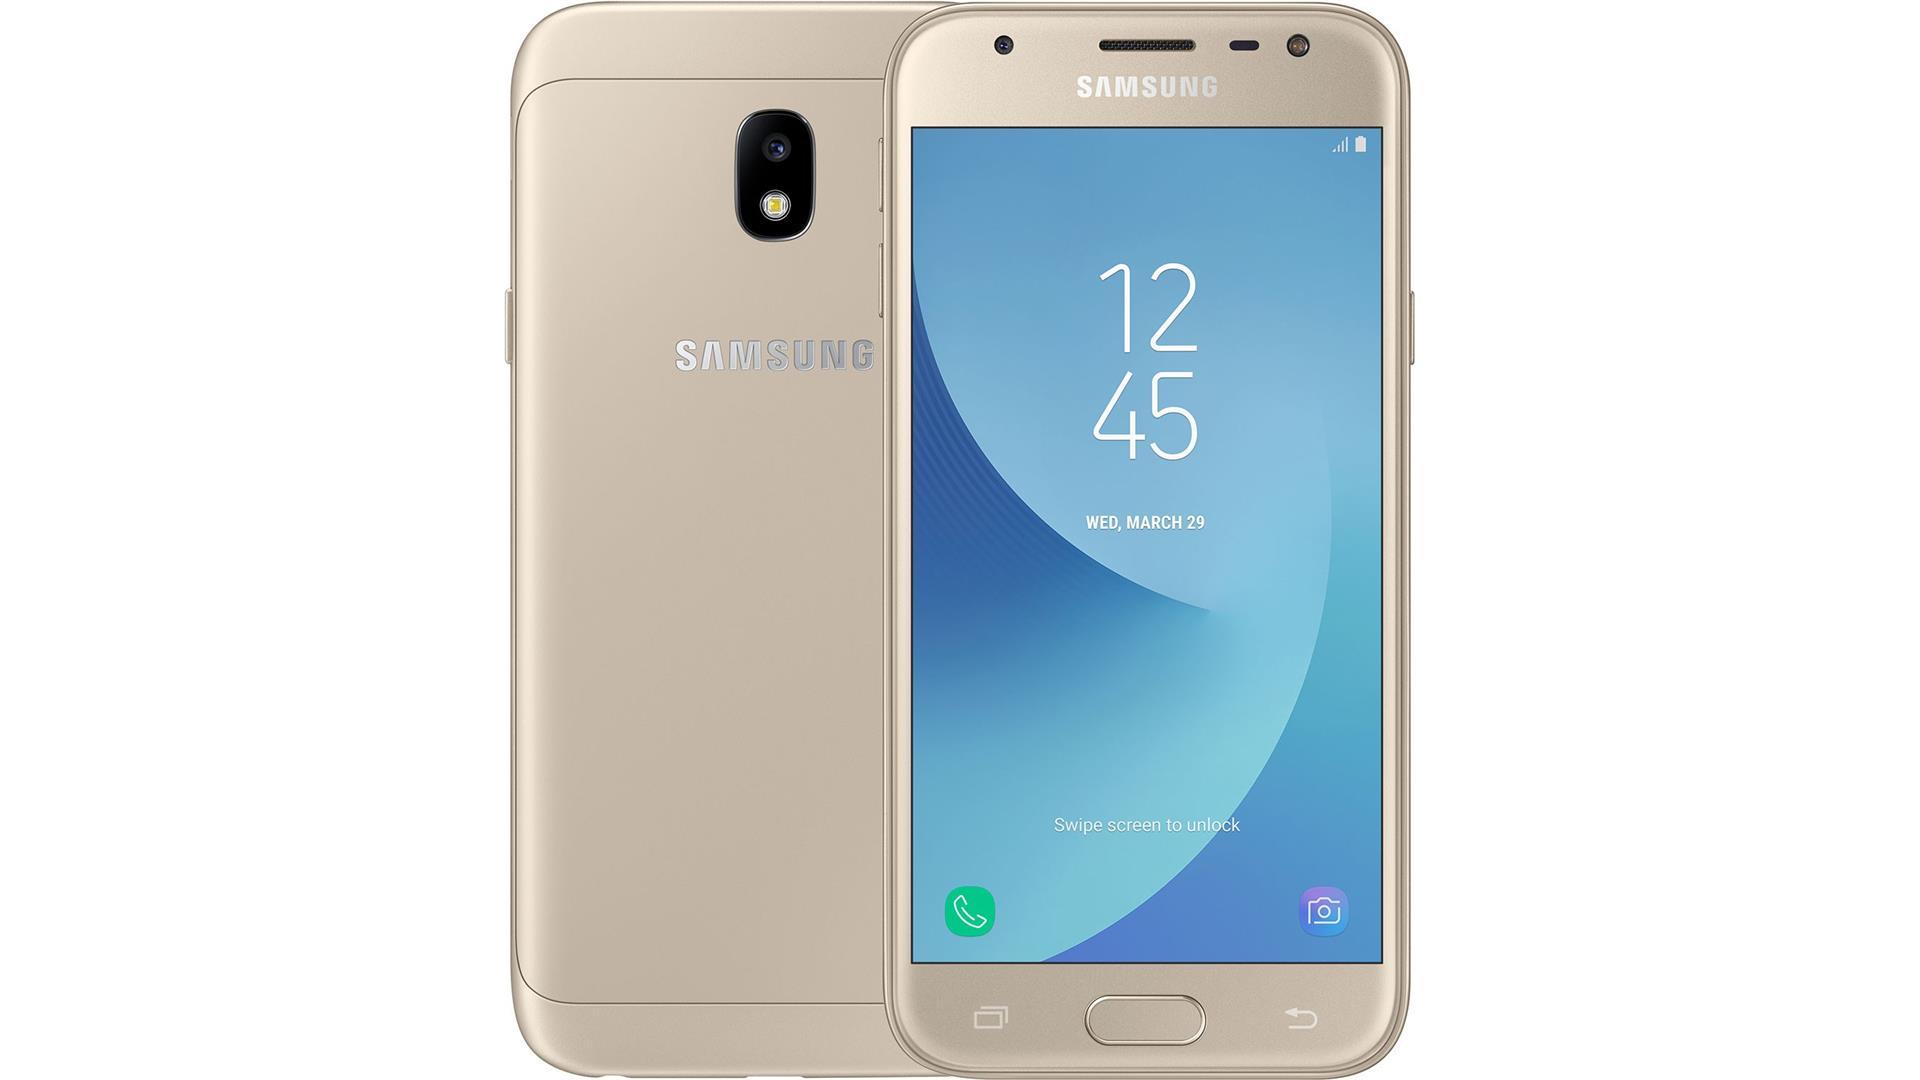 Recenzia Samsung J3 2017 Dual SIM – spracovanie poteÅ¡ cena neprekvap